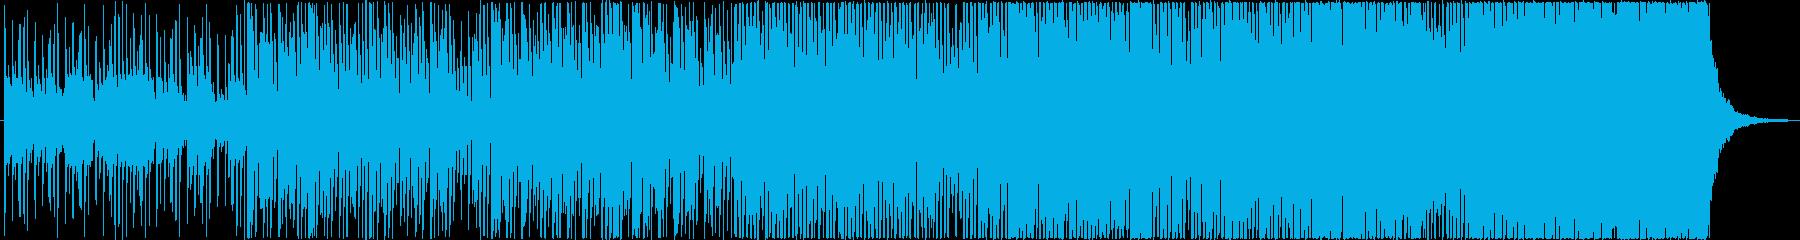 切ないメロディーが印象的なバラードの再生済みの波形